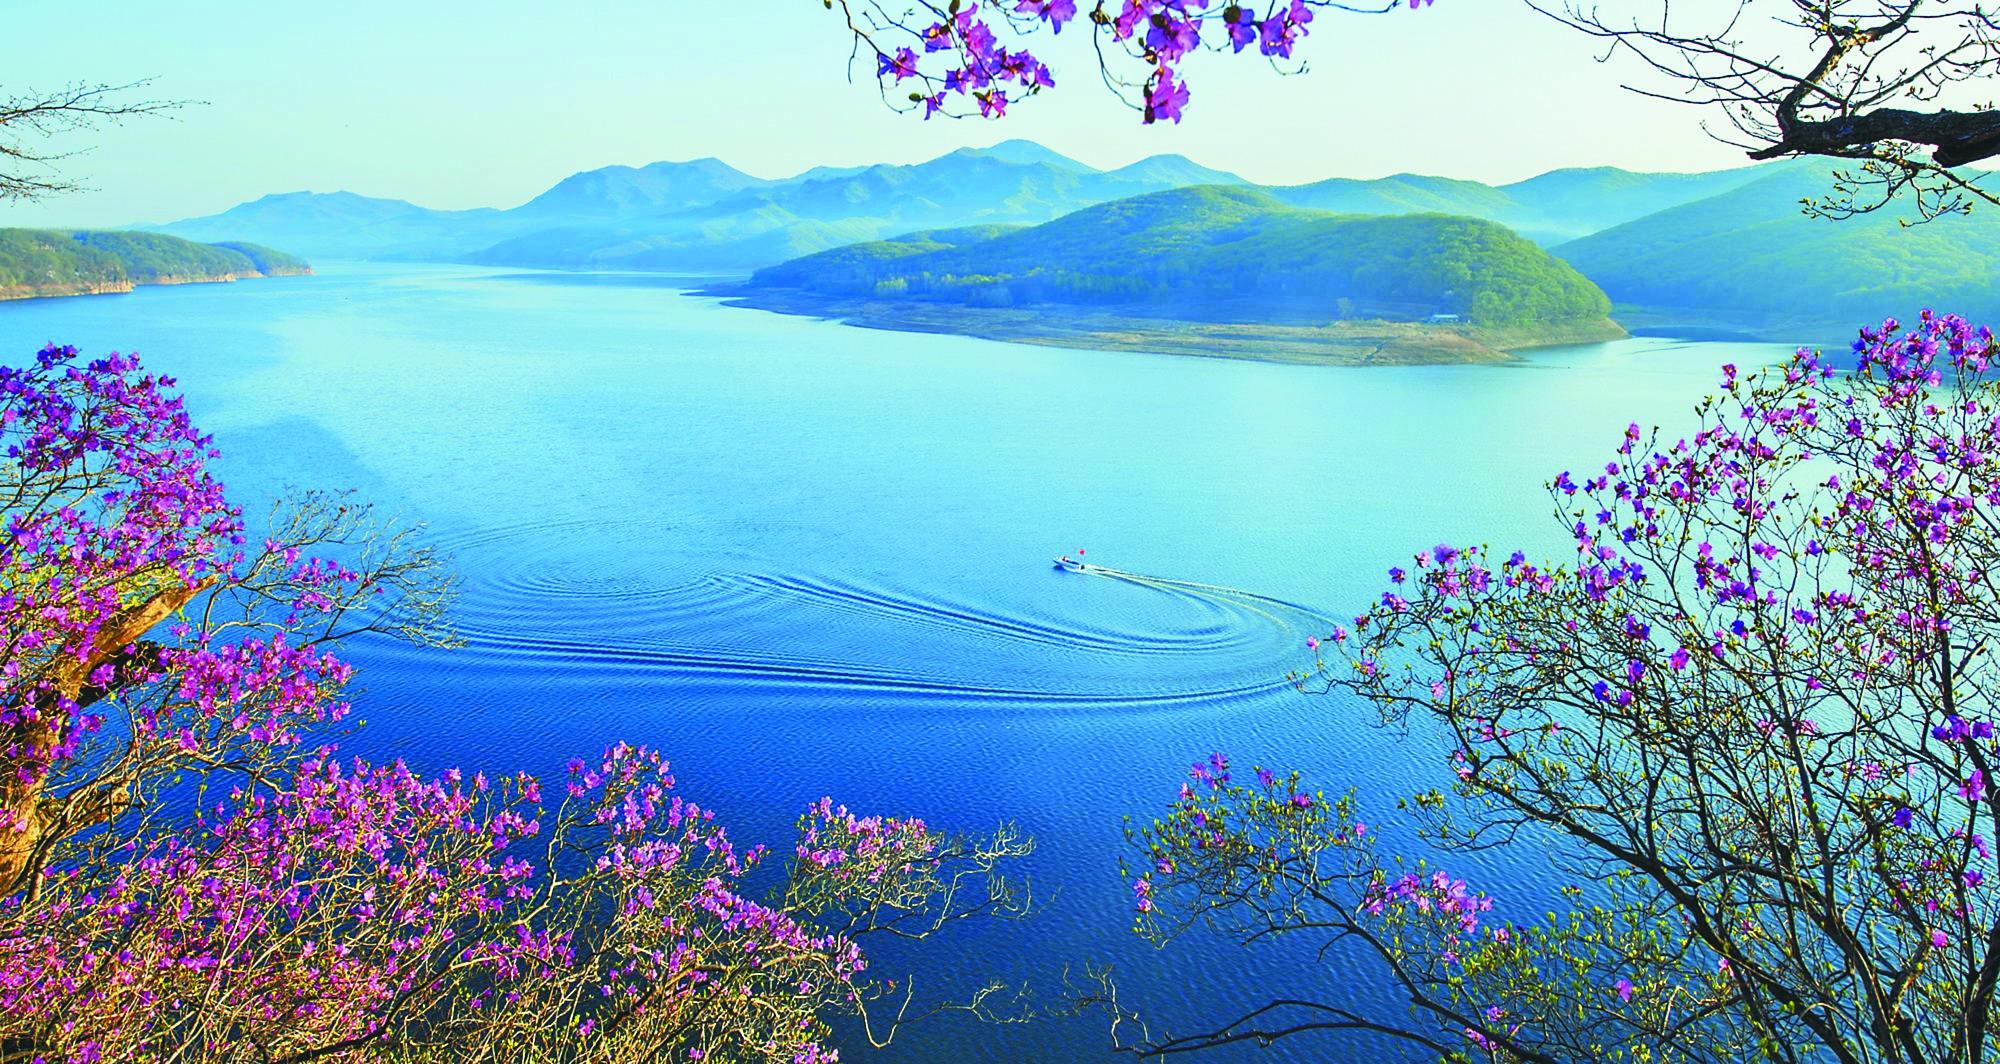 一江秀水百里桦林千顷湿地万山红叶 吉林桦甸:向全域旅游阔步进发